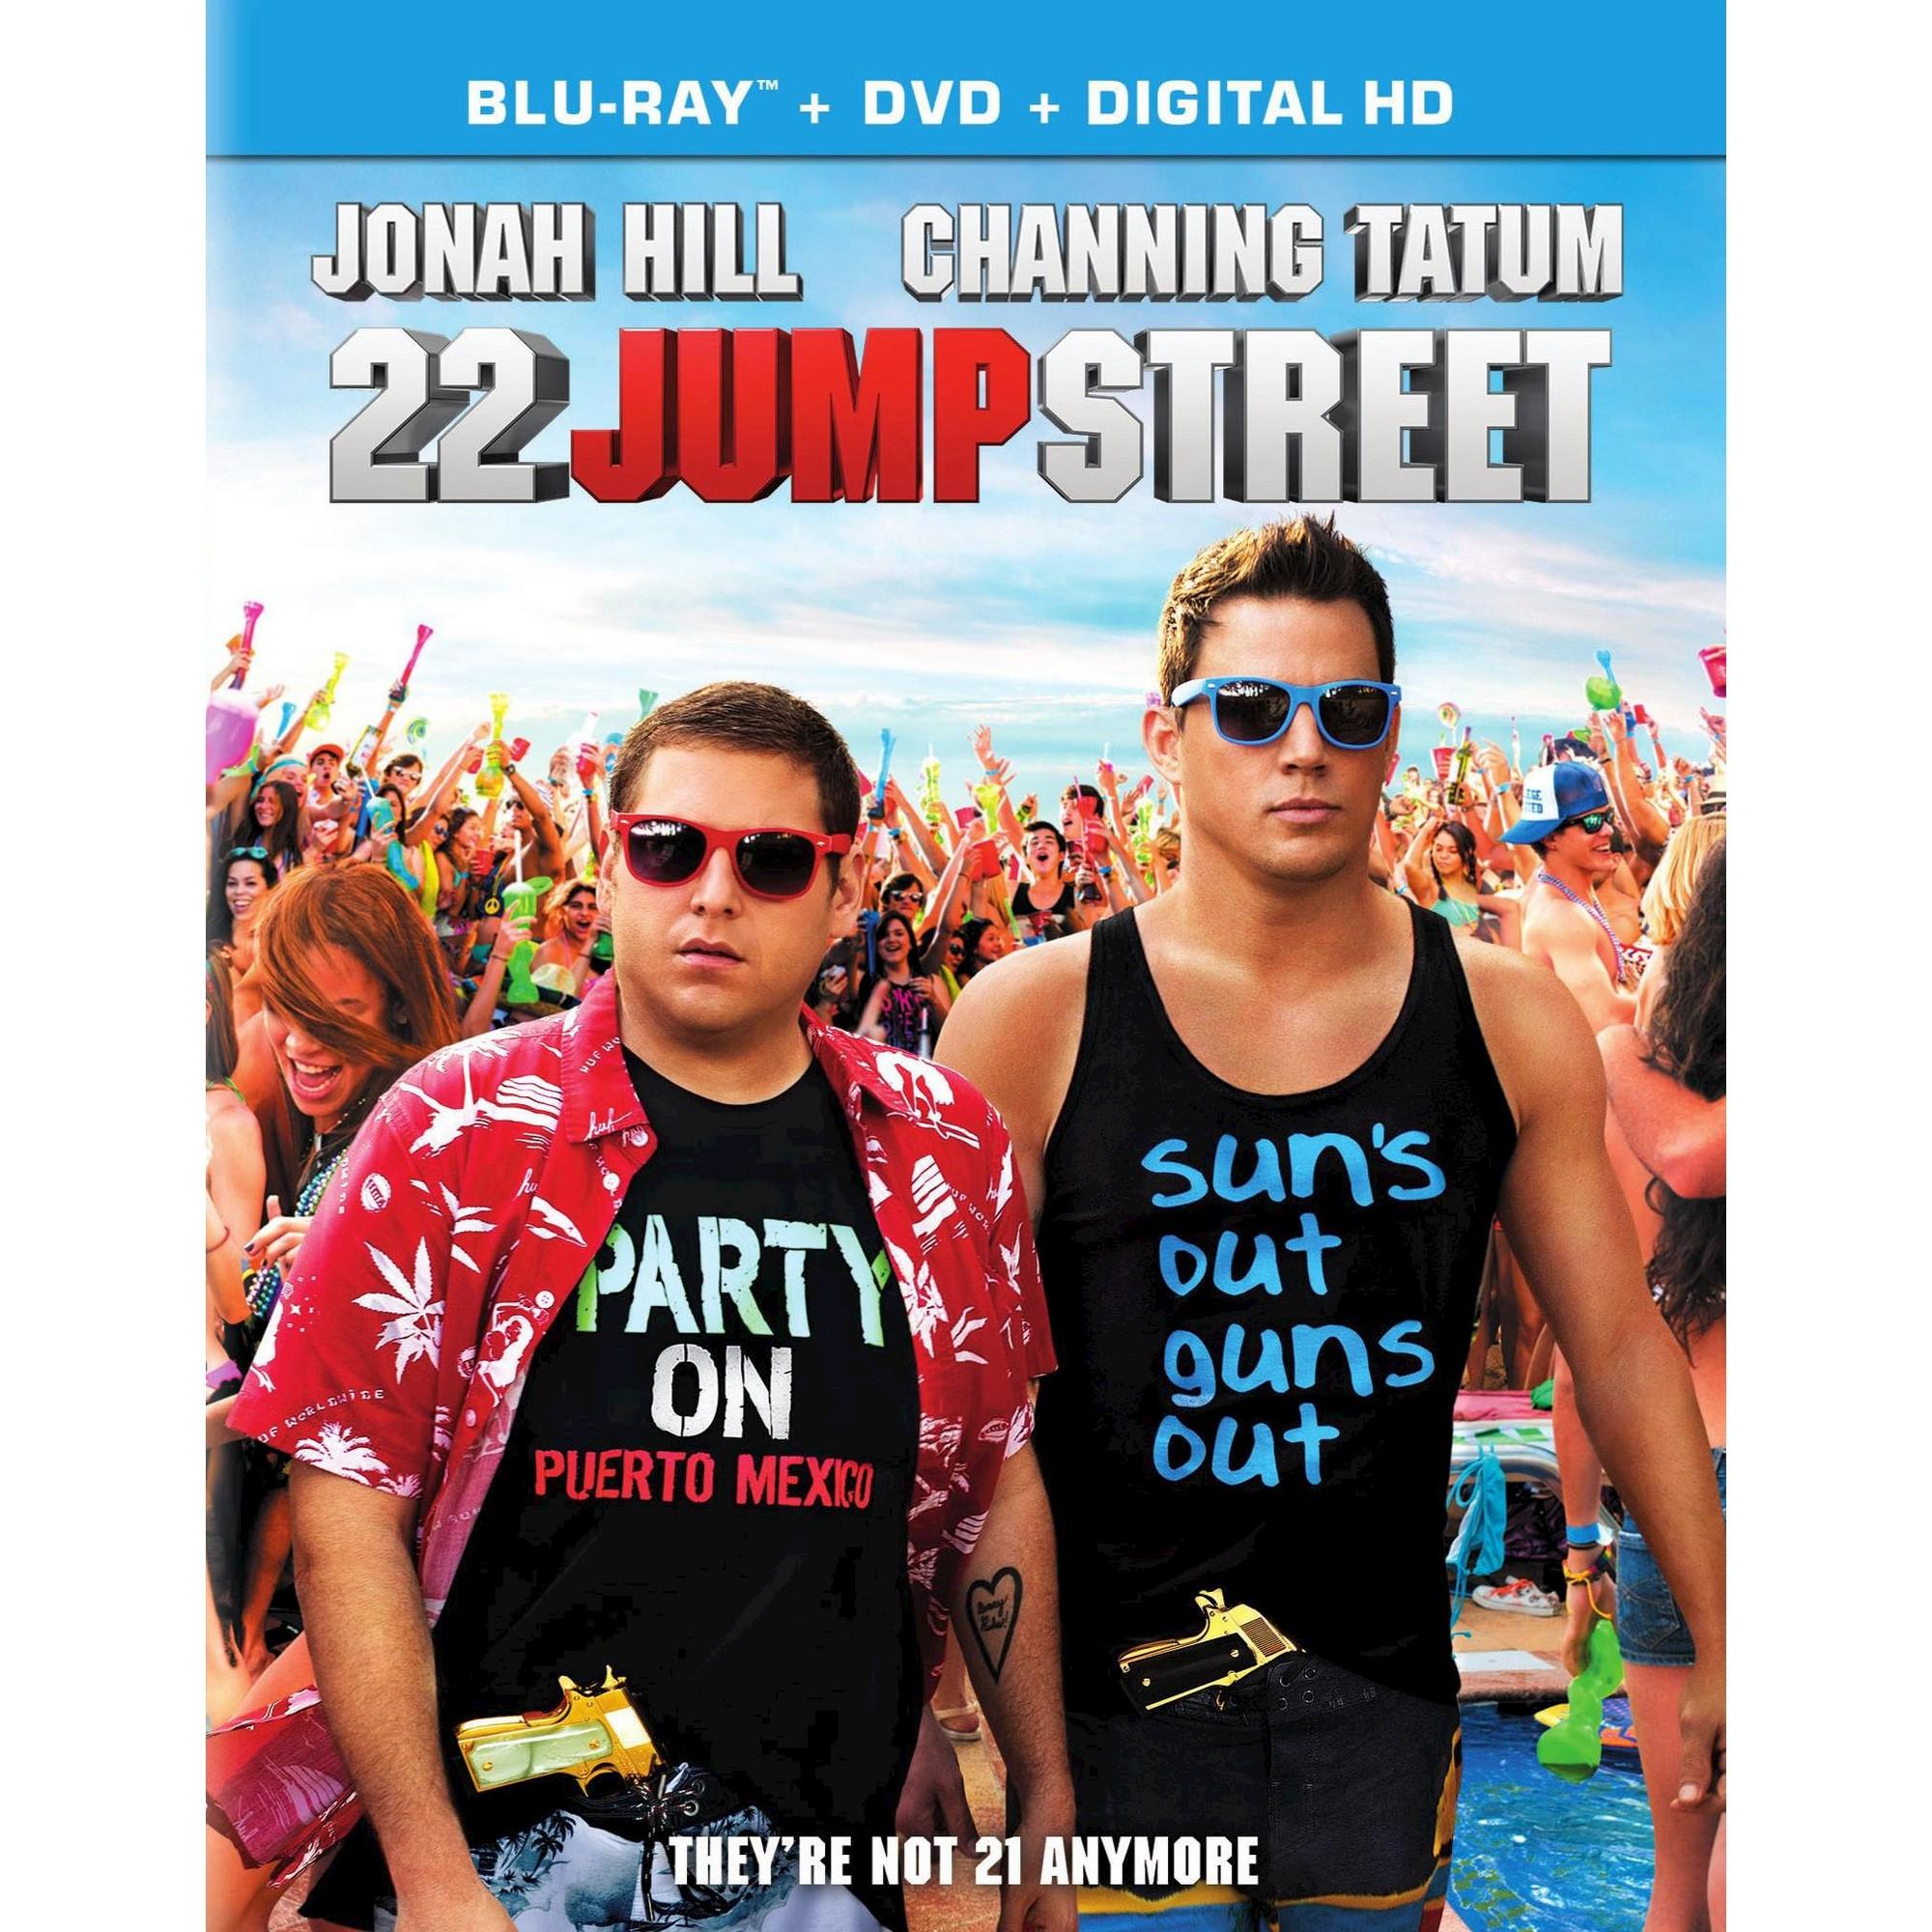 22 Jump Street Blu Ray Dvd Digital 22 Jump Street Street Film Free Movies Online